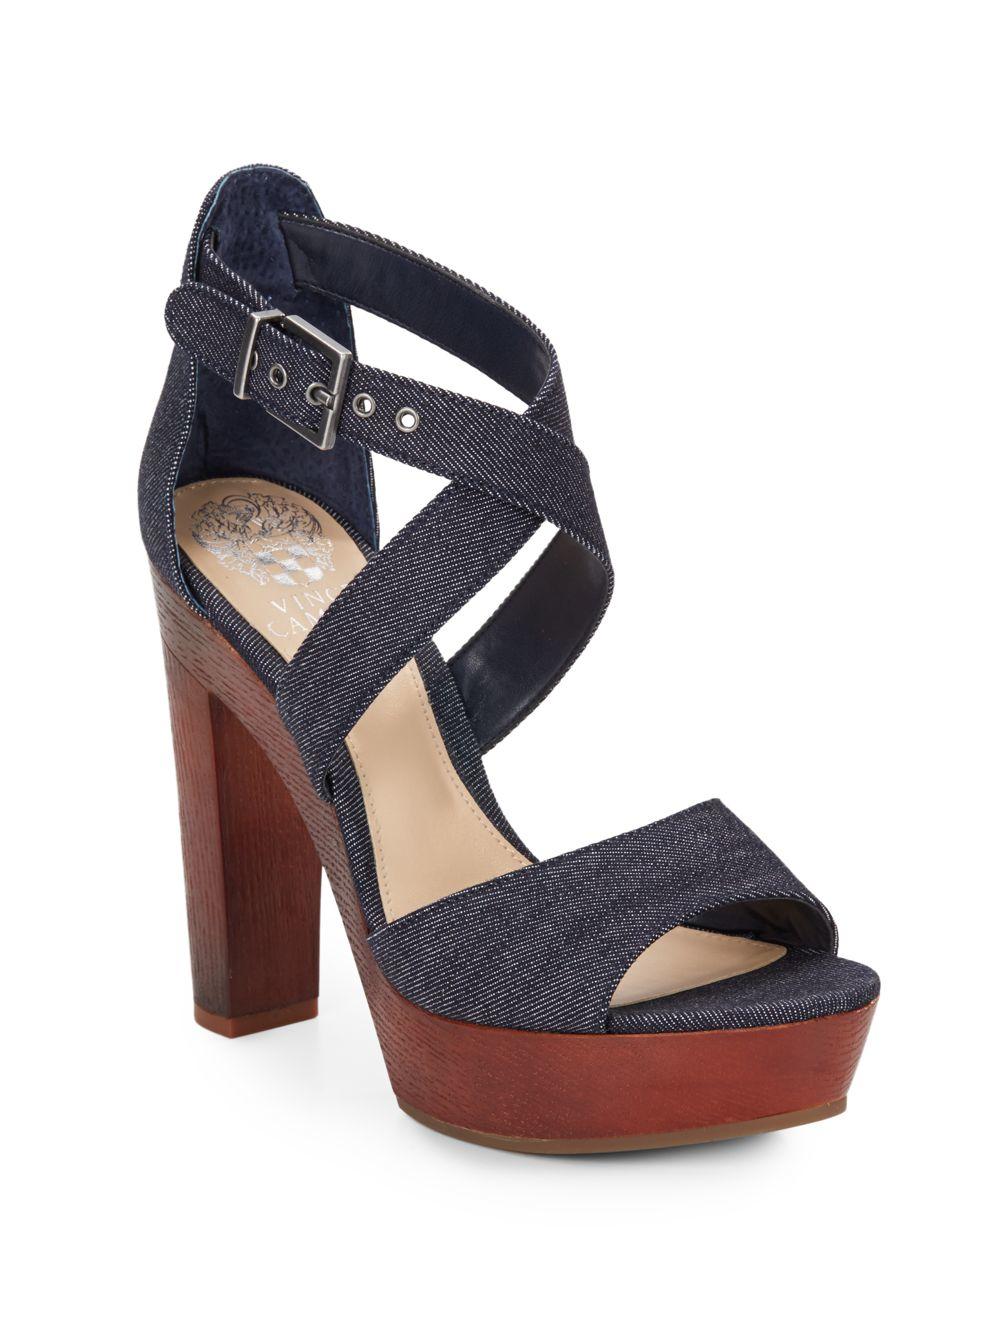 Vince Camuto Eliza Denim Amp Wood Platform Sandals In